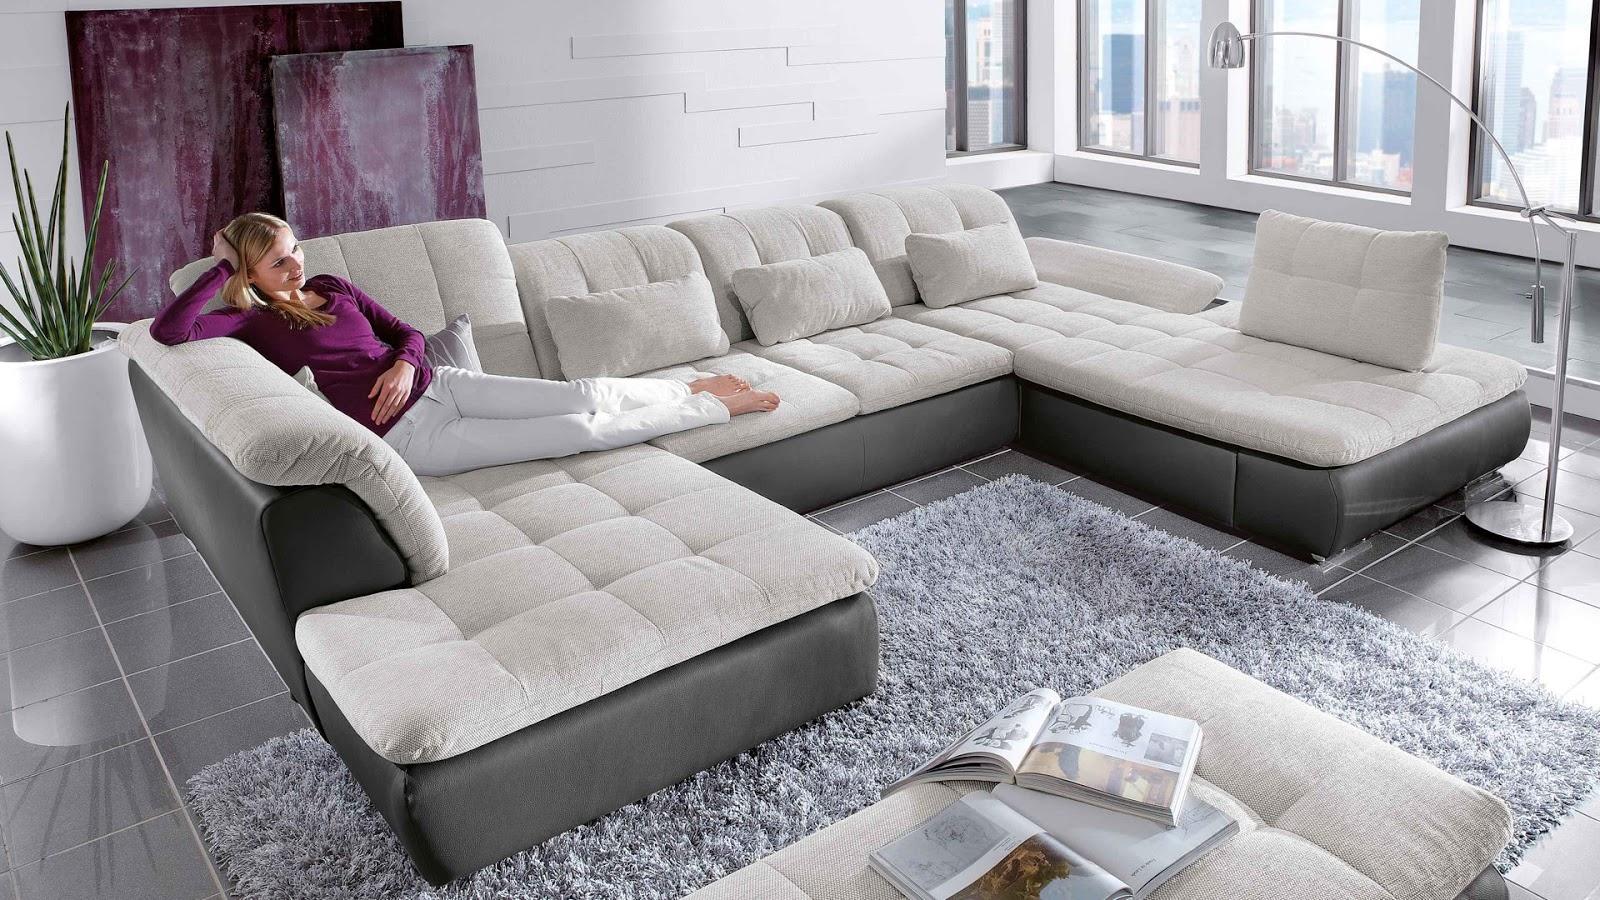 Beautiful Wohnzimmer Couch Günstig Ideas - Home Design Ideas ...